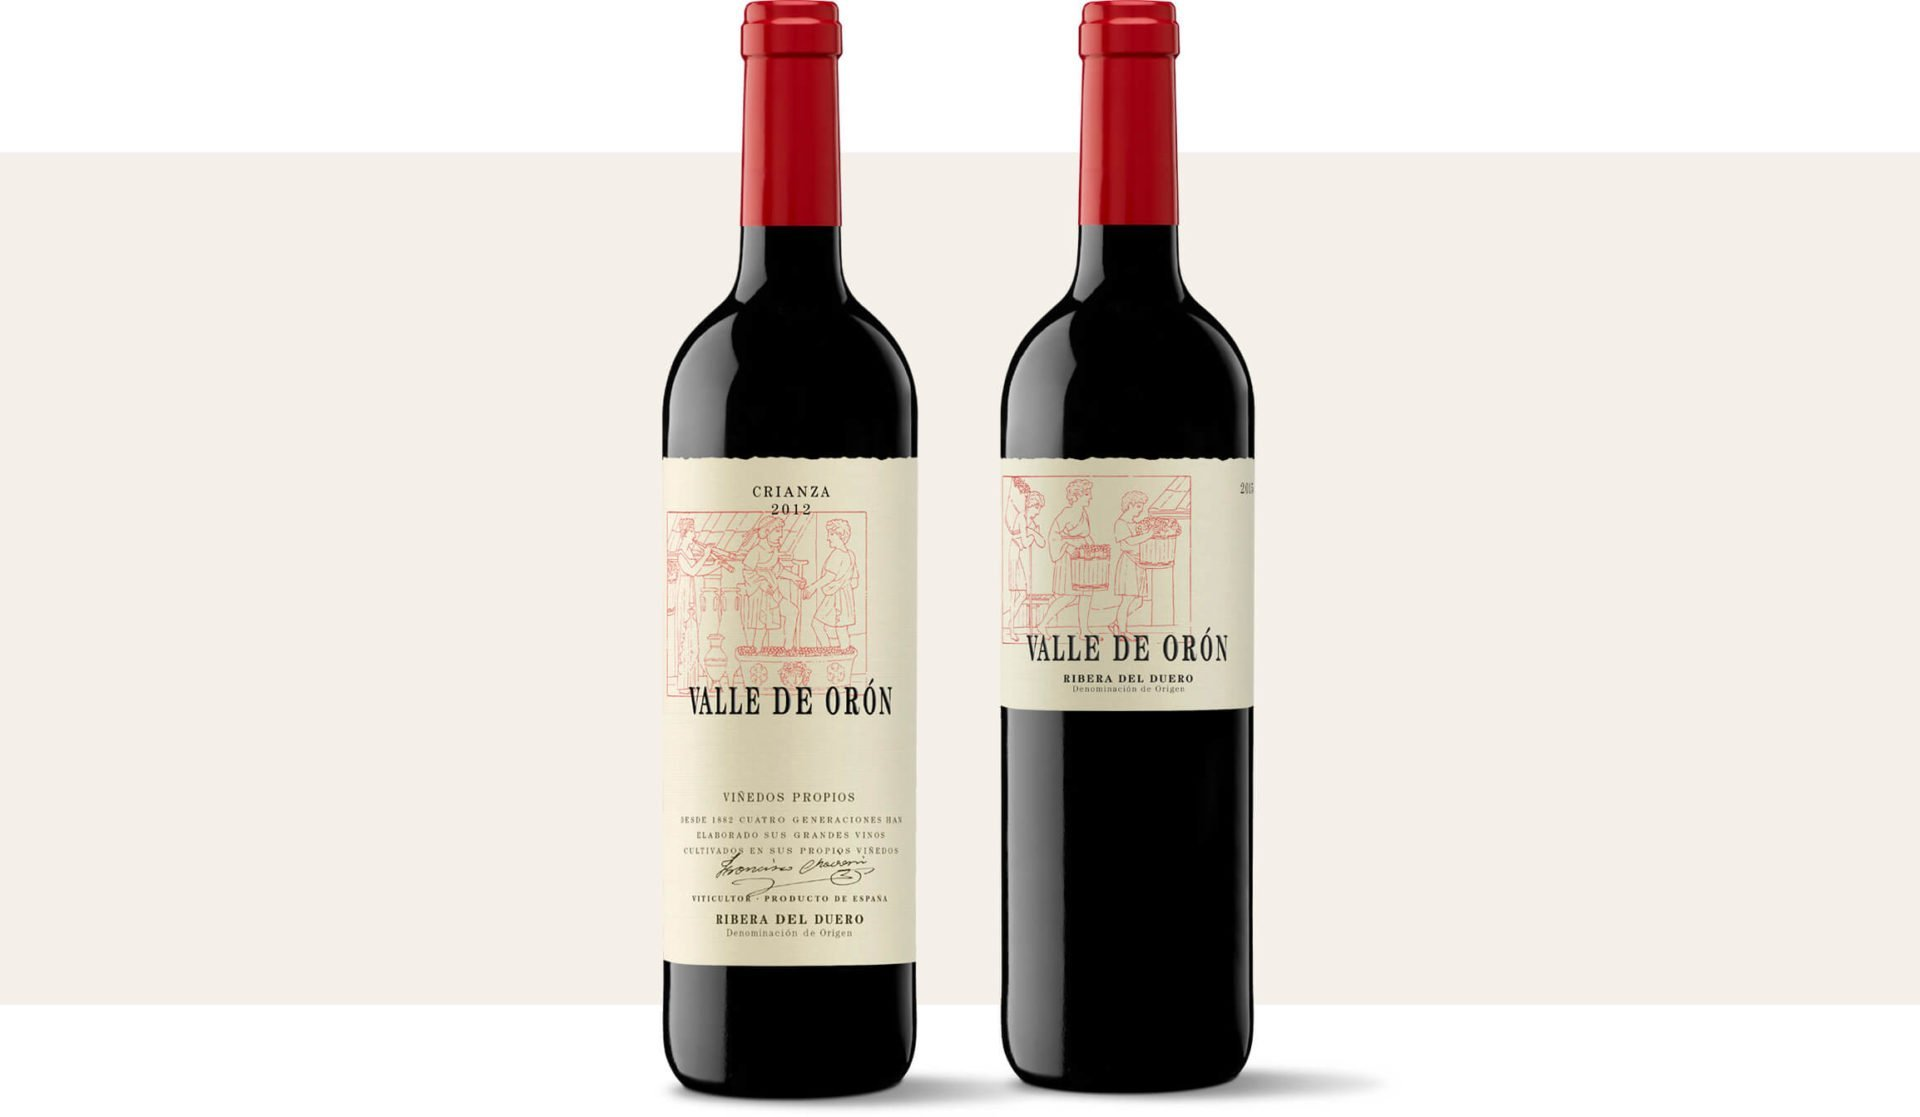 packaging-etiqueta-vino-ribera-del-duero-valle-de-oron-bodega-familia-chavarri